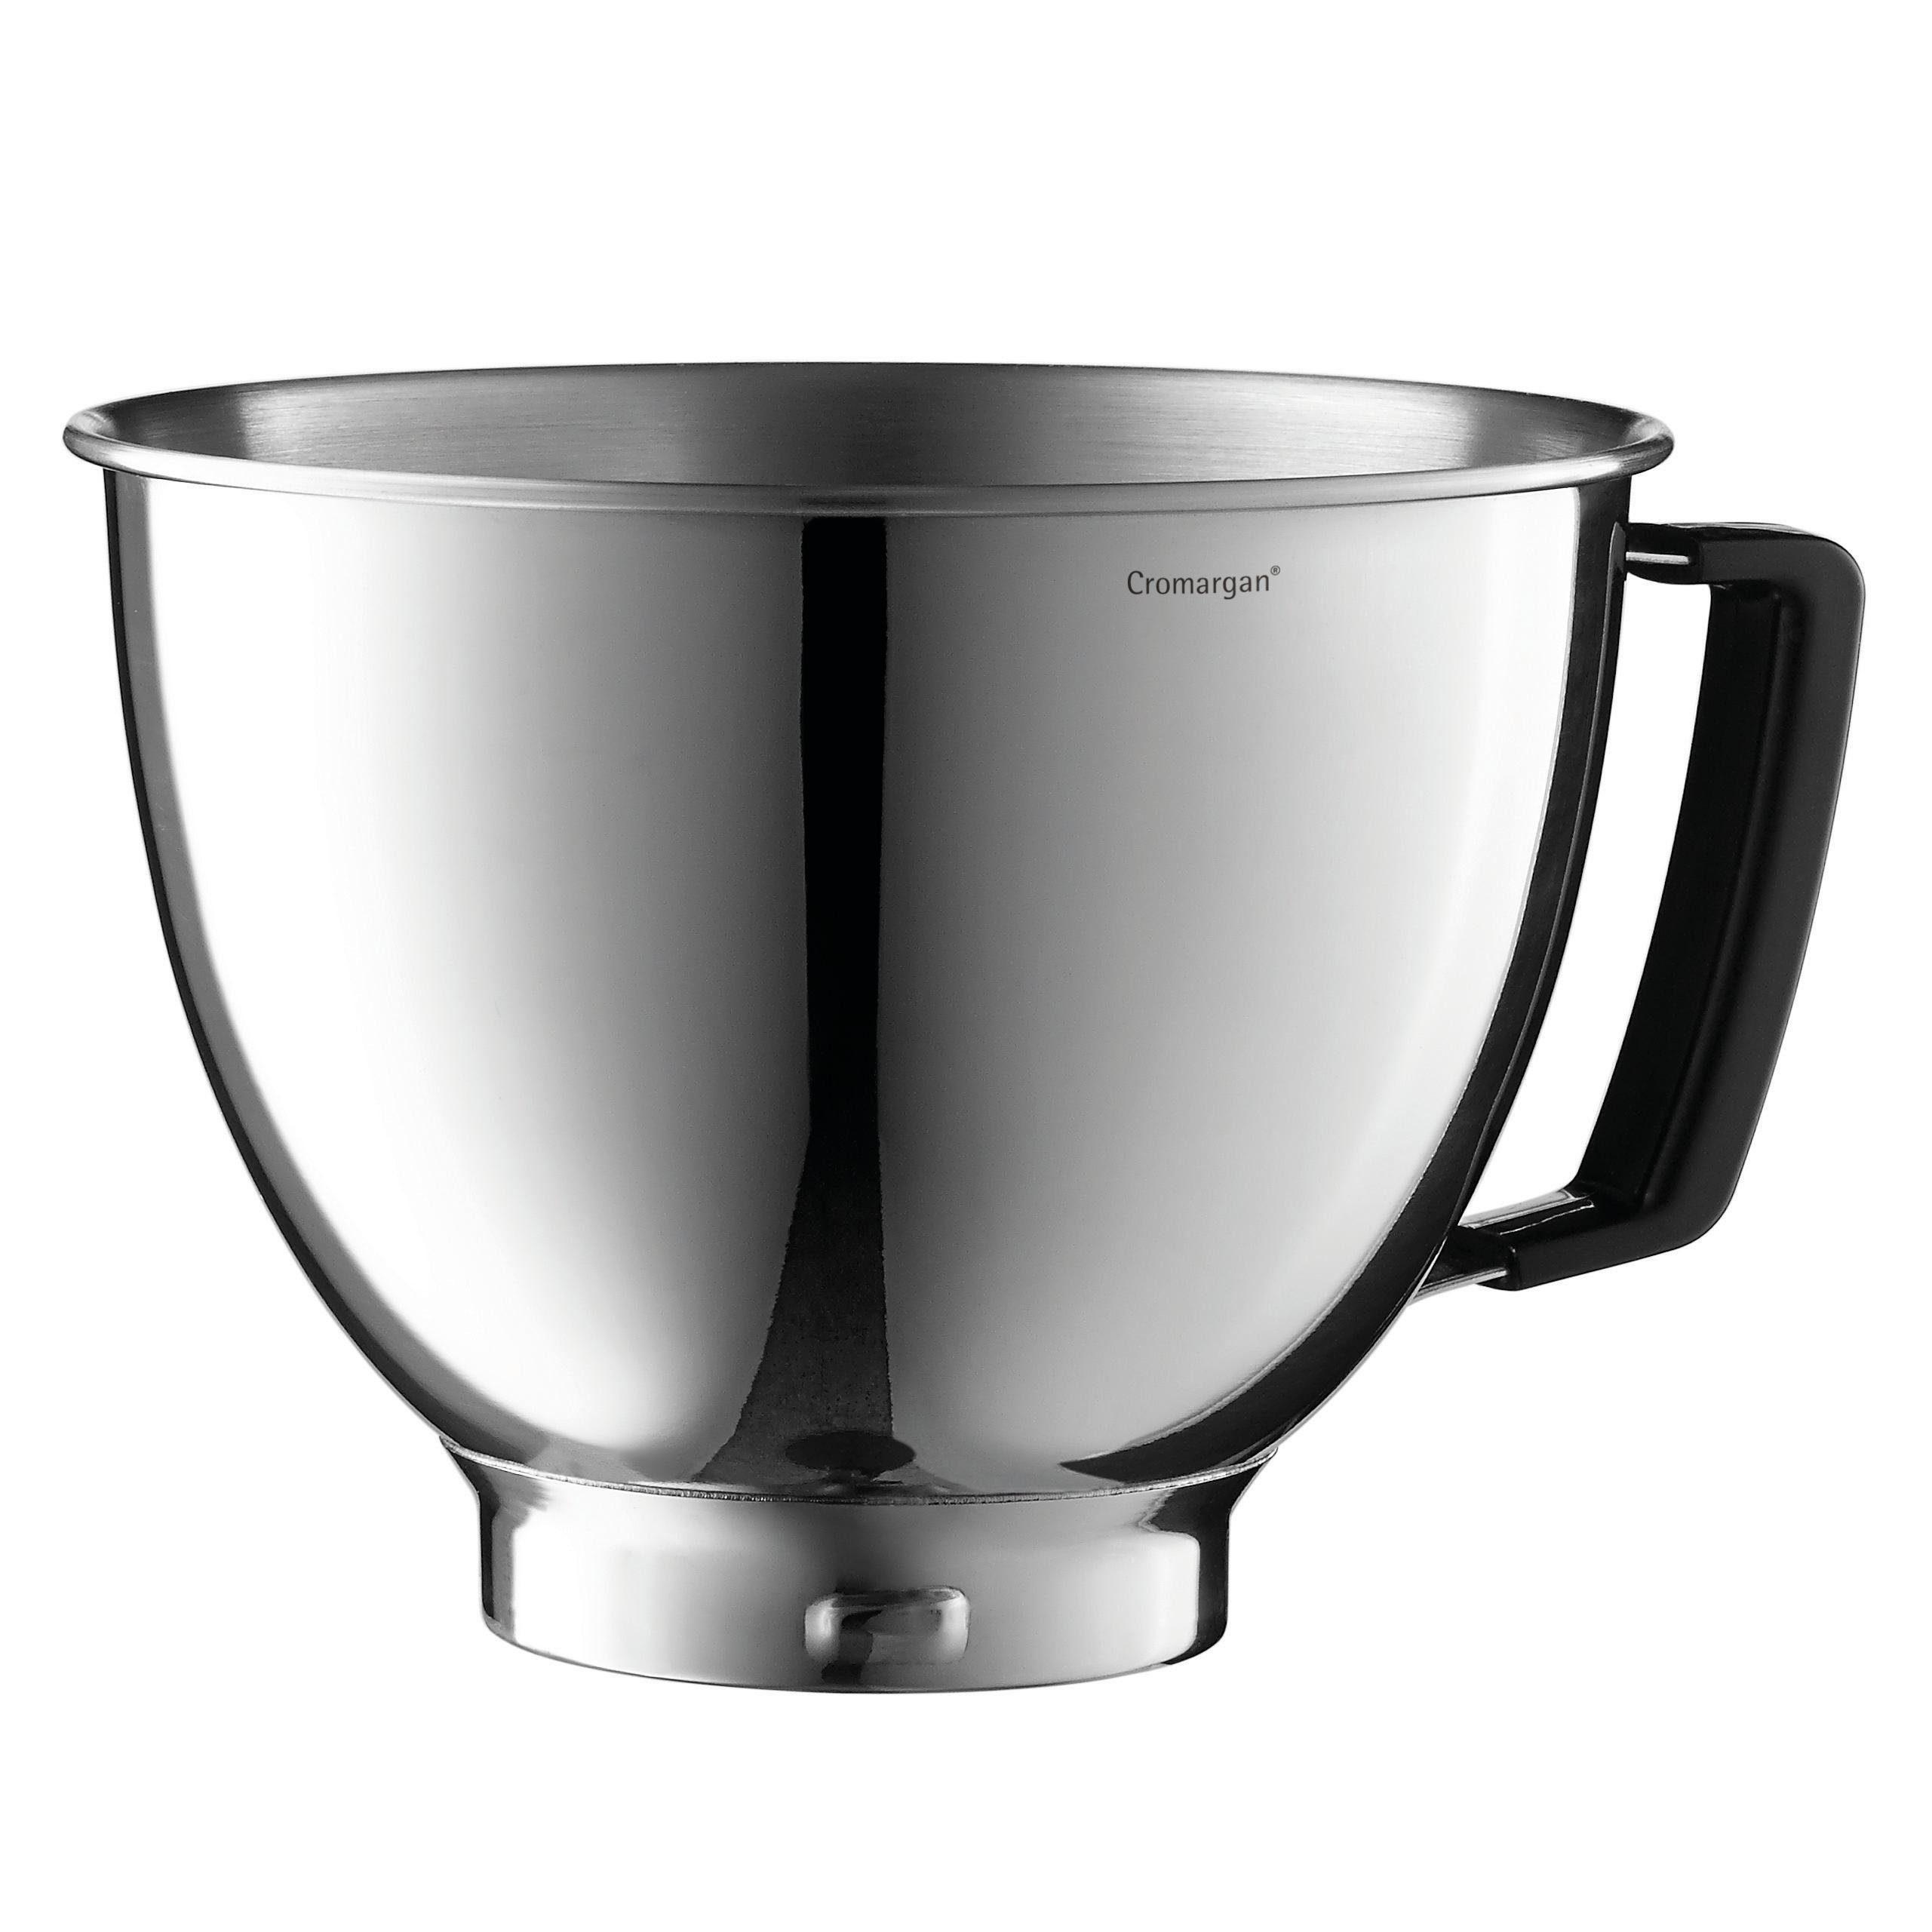 WMF Zubehör KÜCHENminis® Rührschüssel 3,0 l für Küchenmaschine one for All